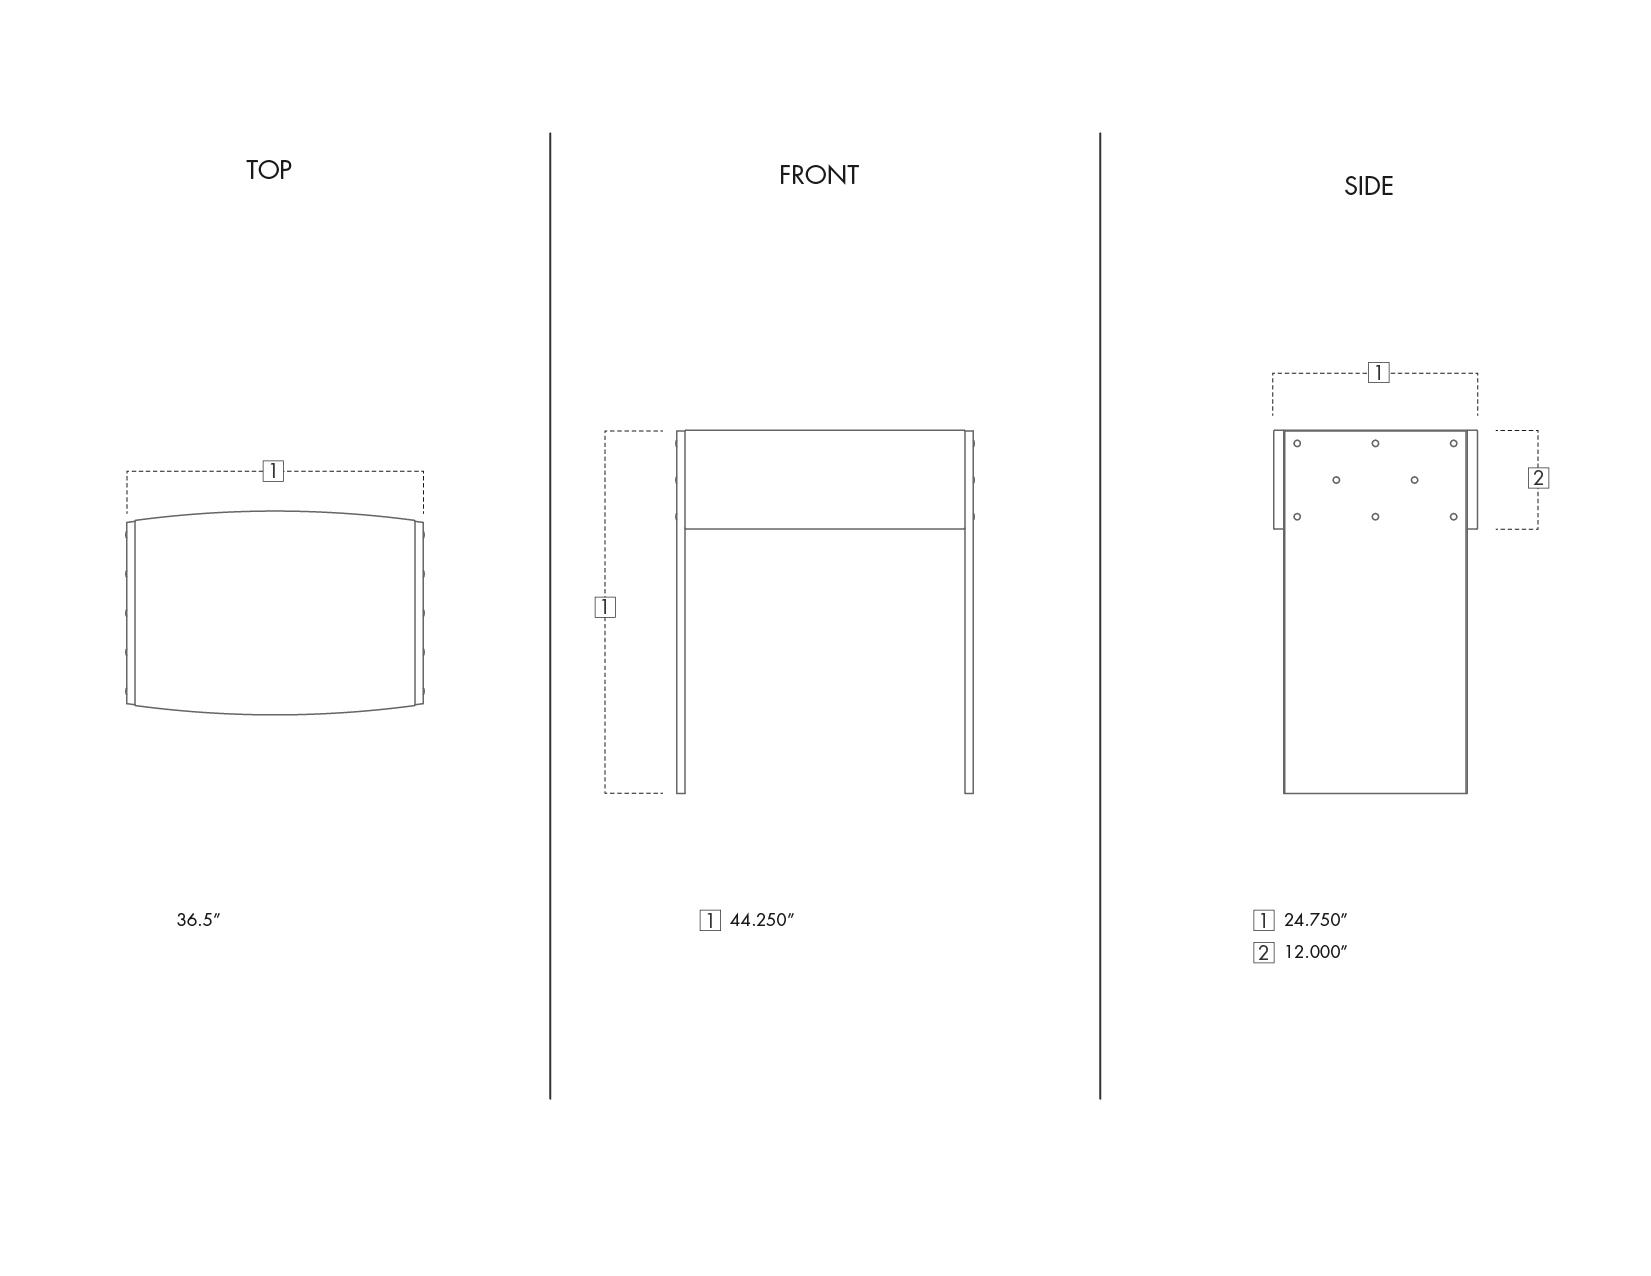 Jean display drawings-07.jpg